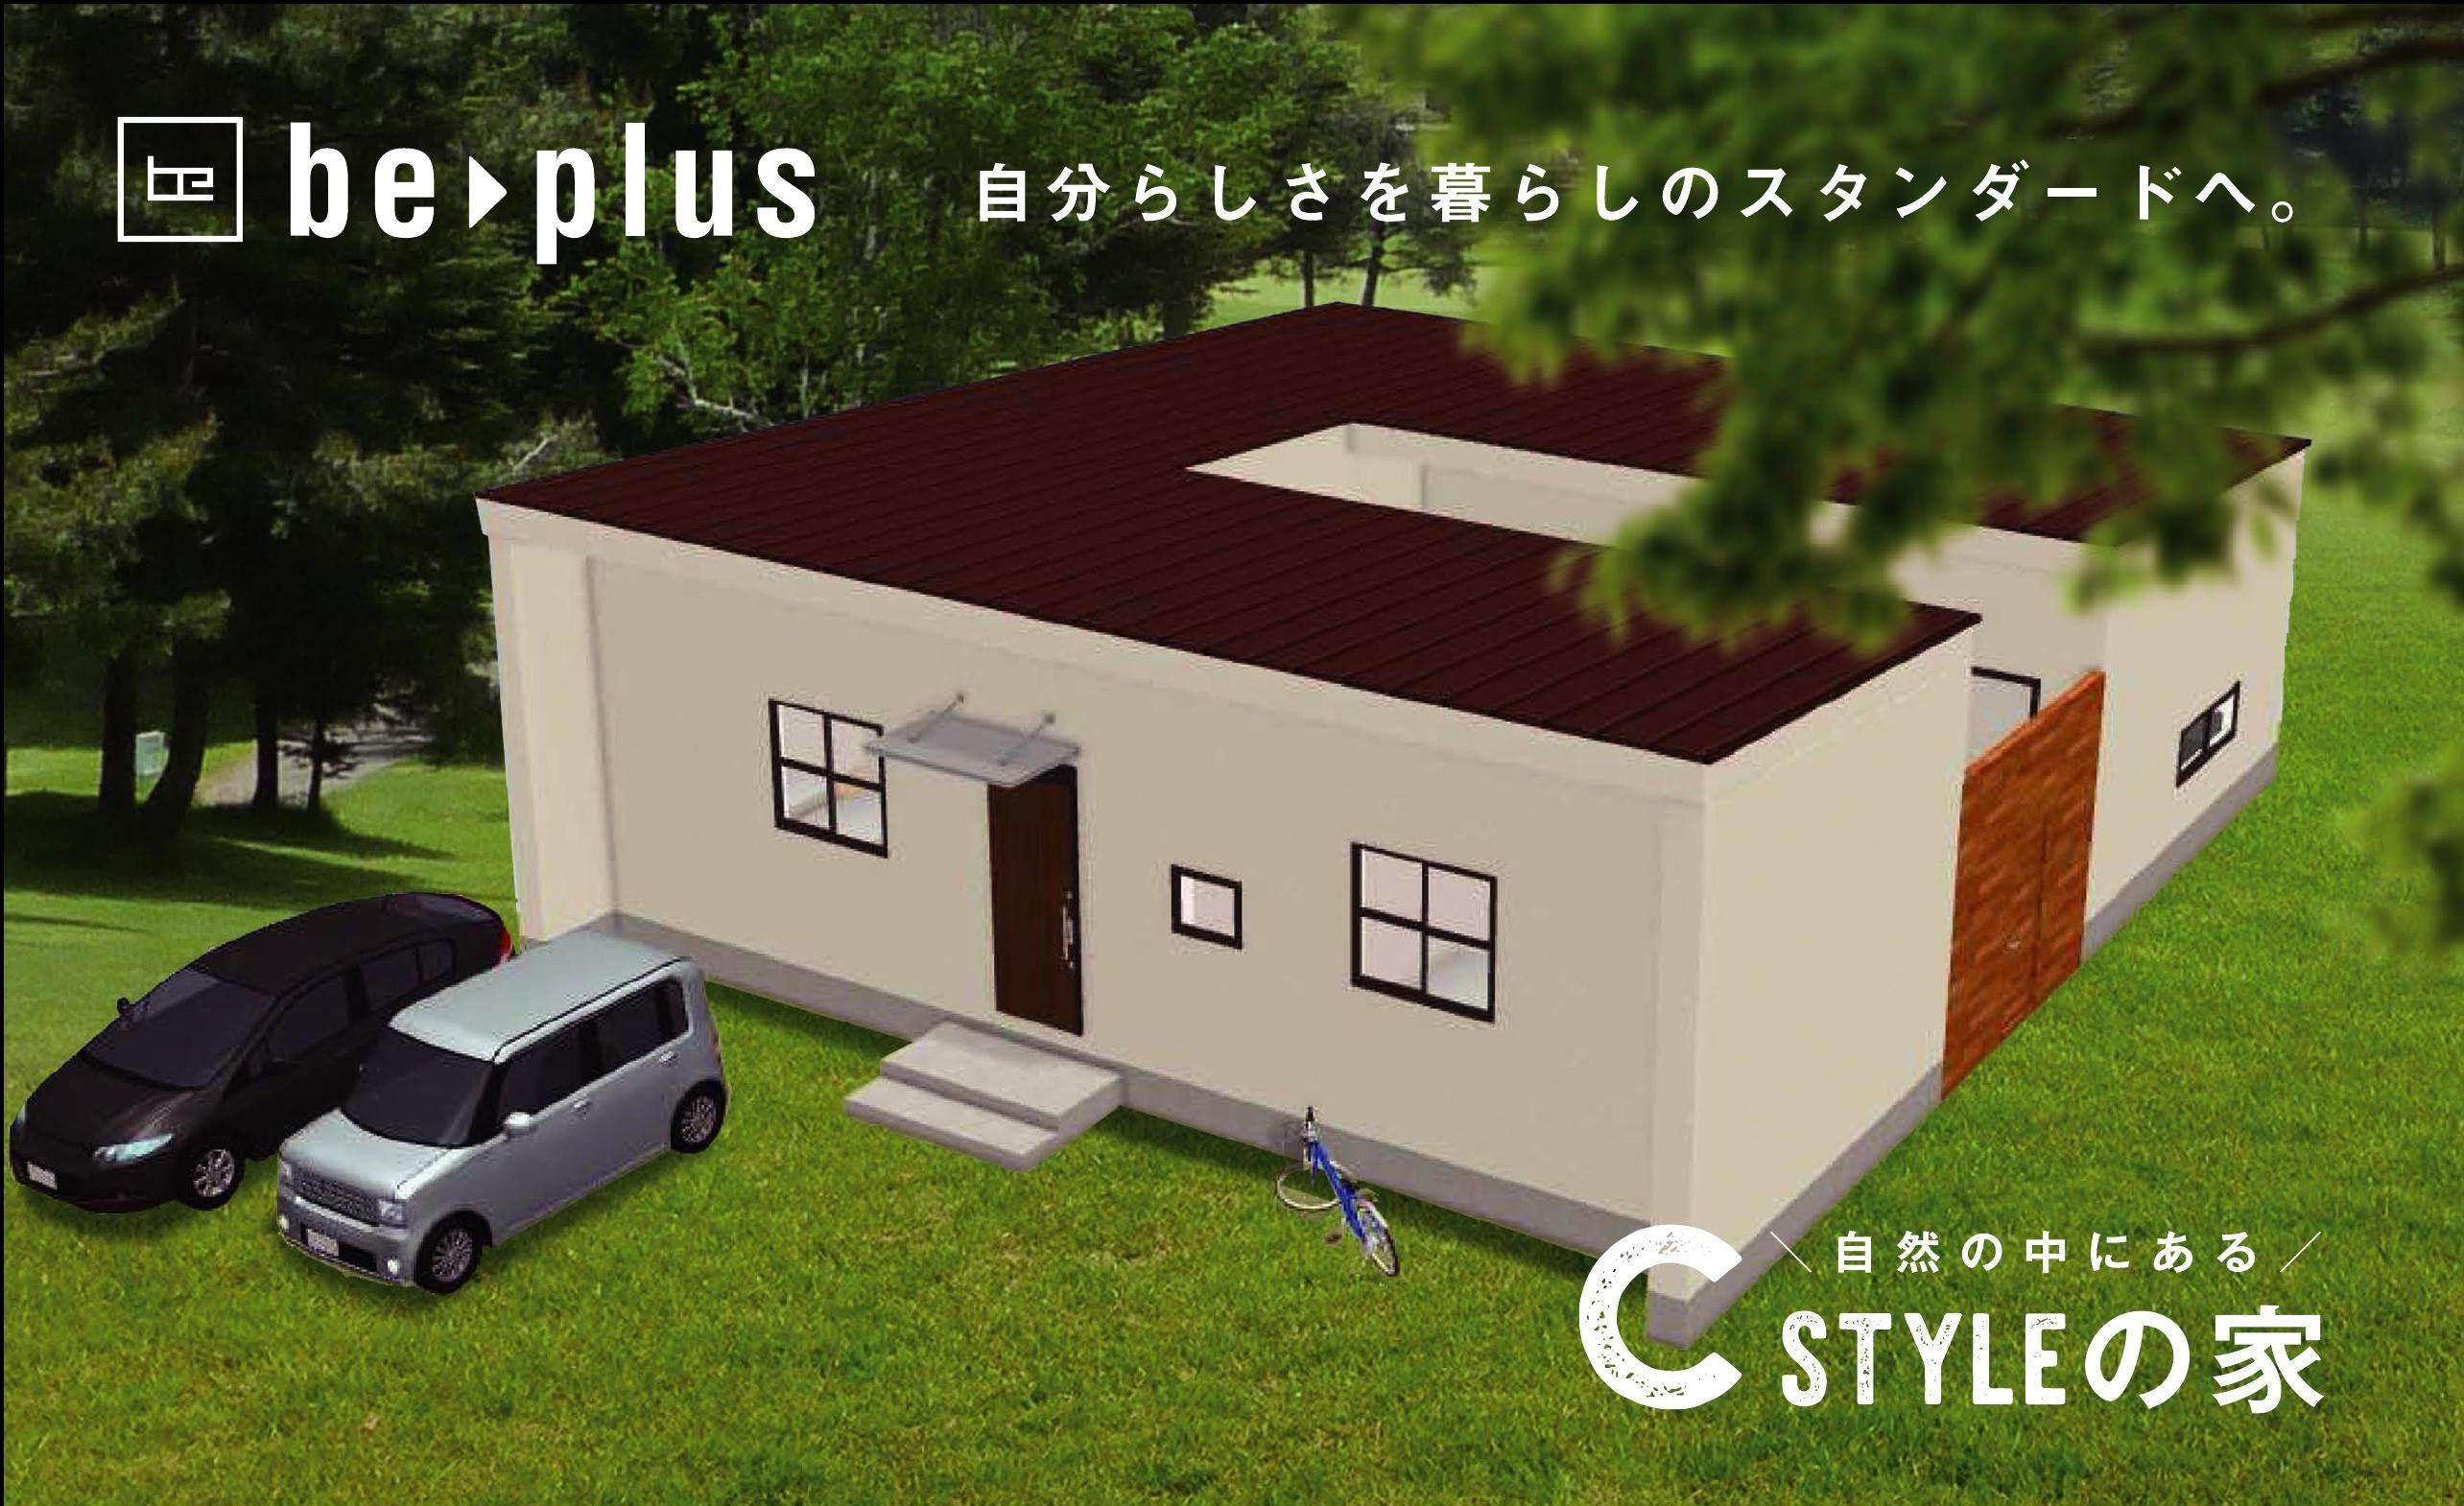 be>plus 第26棟目完成見学会(9/7~9/8)のお知らせをアップしました。